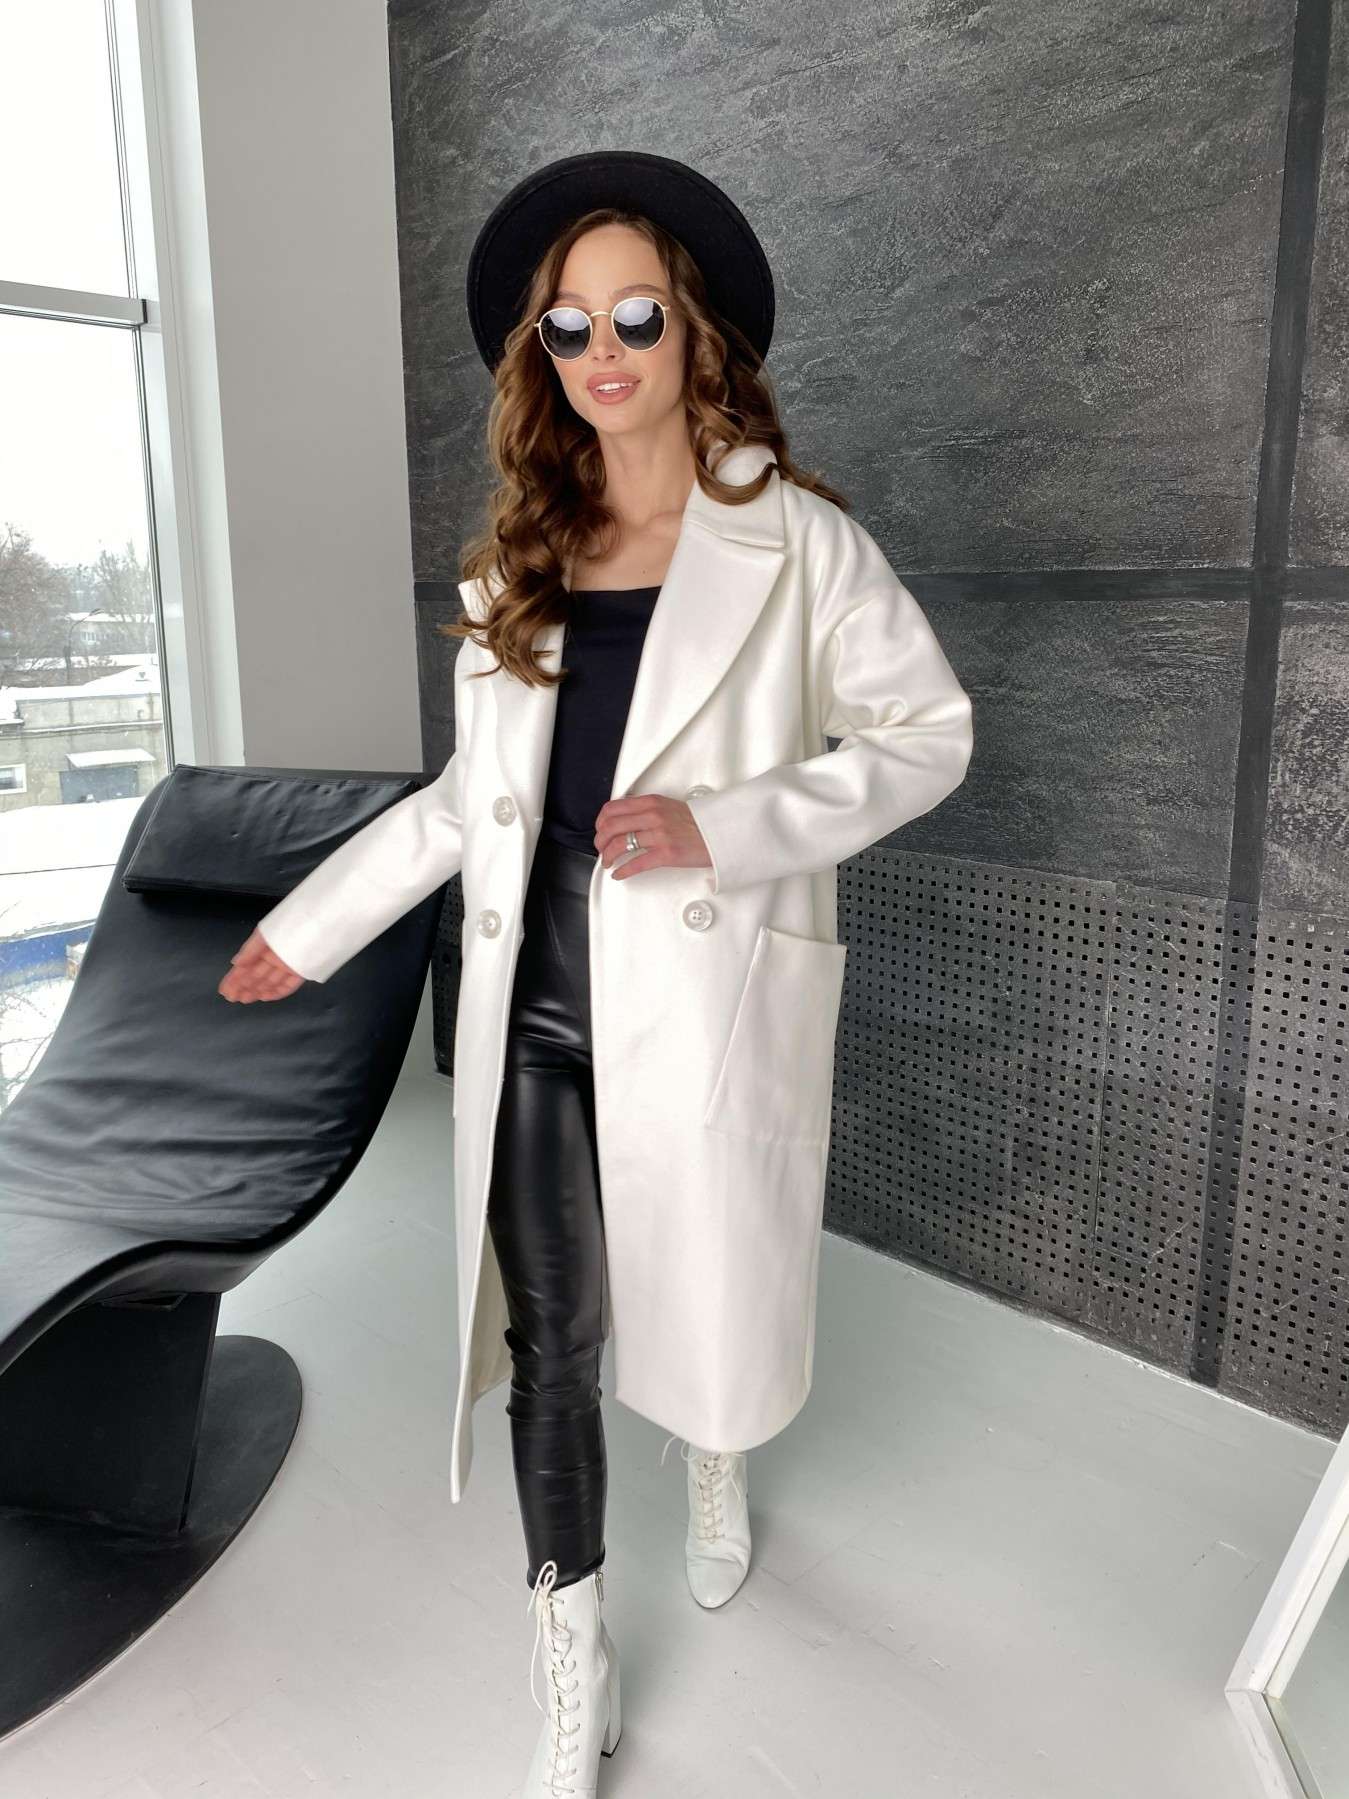 Свайп макси пальто из кашемира 10617 АРТ. 46996 Цвет: Молоко - фото 1, интернет магазин tm-modus.ru